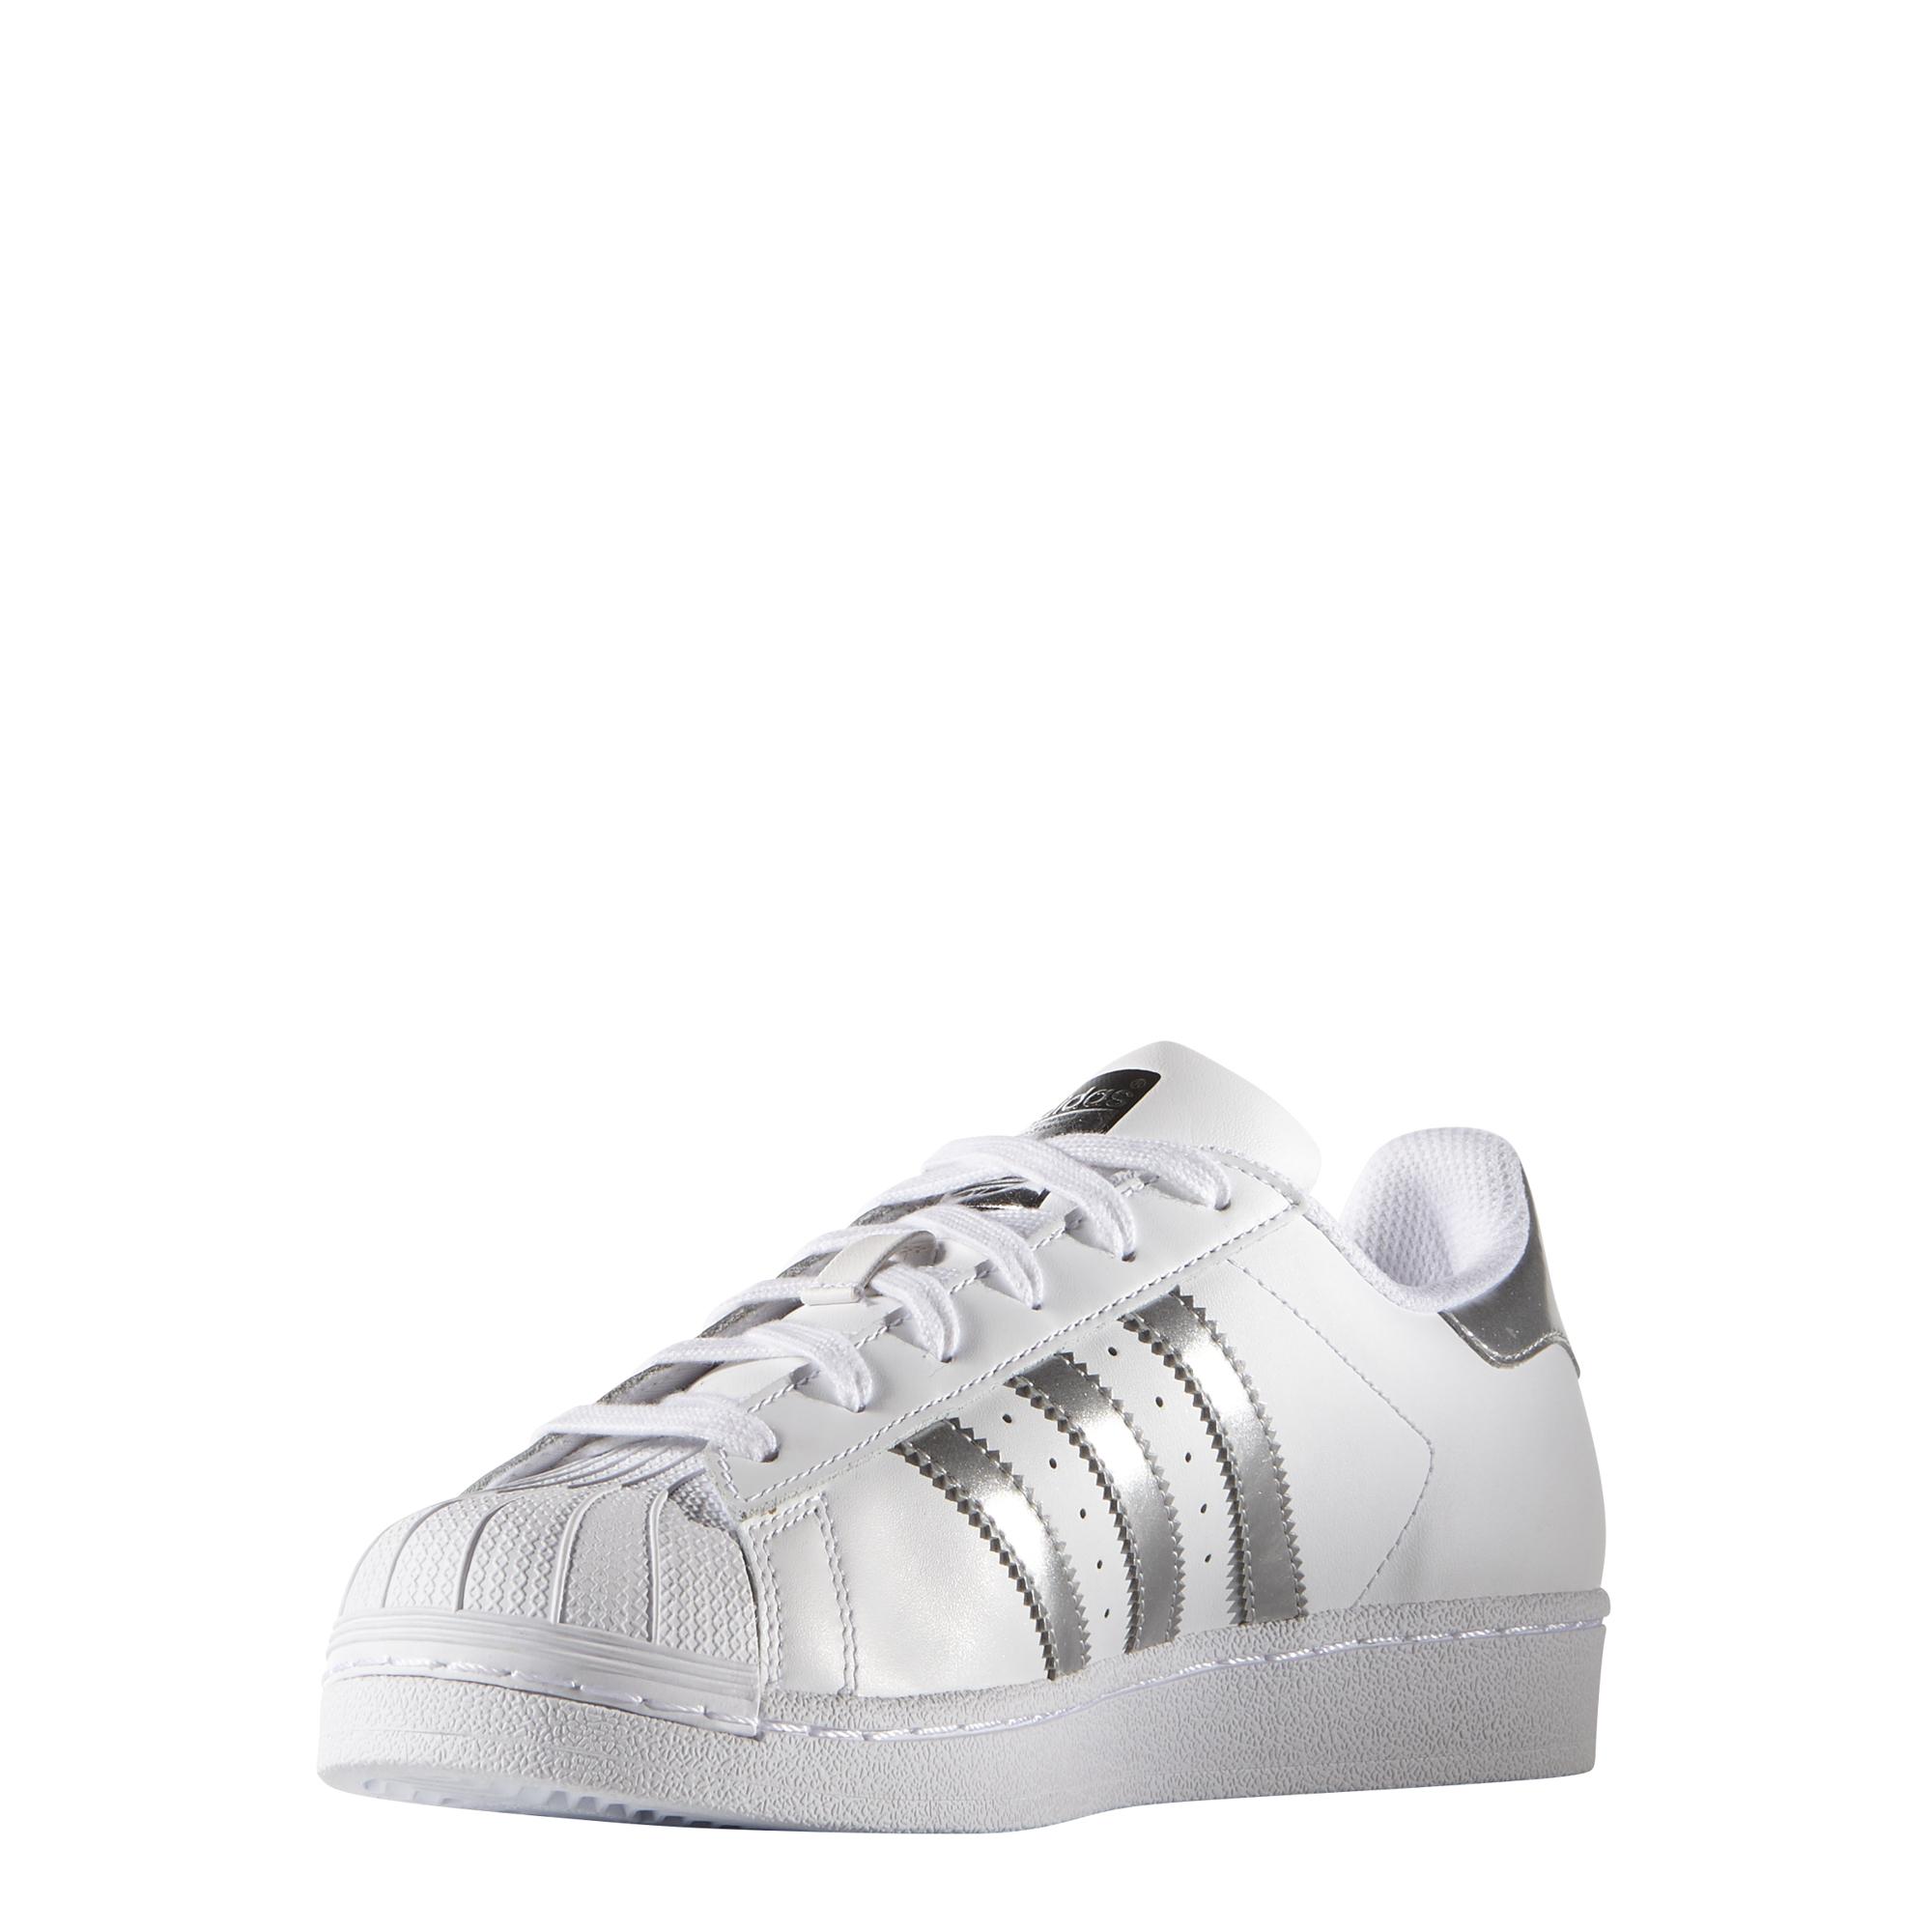 meilleur authentique 8fff3 ee470 Chaussures femme adidas Superstar